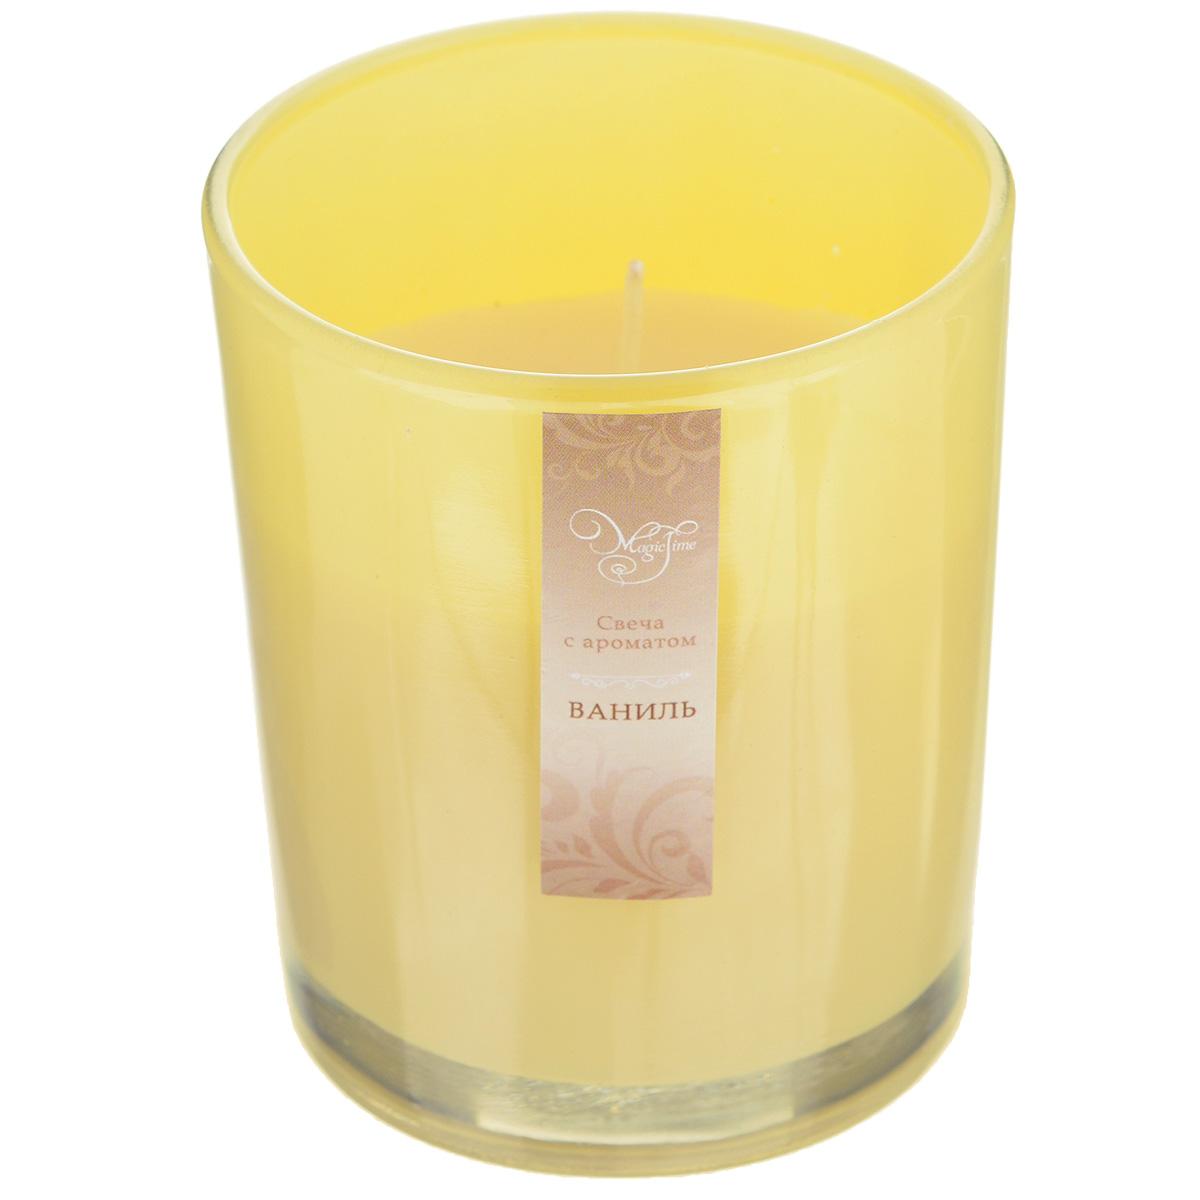 Свеча декоративная Феникс-презент Ваниль, ароматизированная32770Оригинальная ароматизированная свеча Феникс-презент Ваниль, изготовленная из парафина, помещена в стакан из матового стекла. Свеча наполнит вашу комнату приятным ванильным ароматом и создаст в ней уютную атмосферу. Вы можете поставить свечу в любом месте, где она будет удачно смотреться и радовать глаз. Кроме того, эта свеча - отличный вариант подарка для ваших близких и друзей.